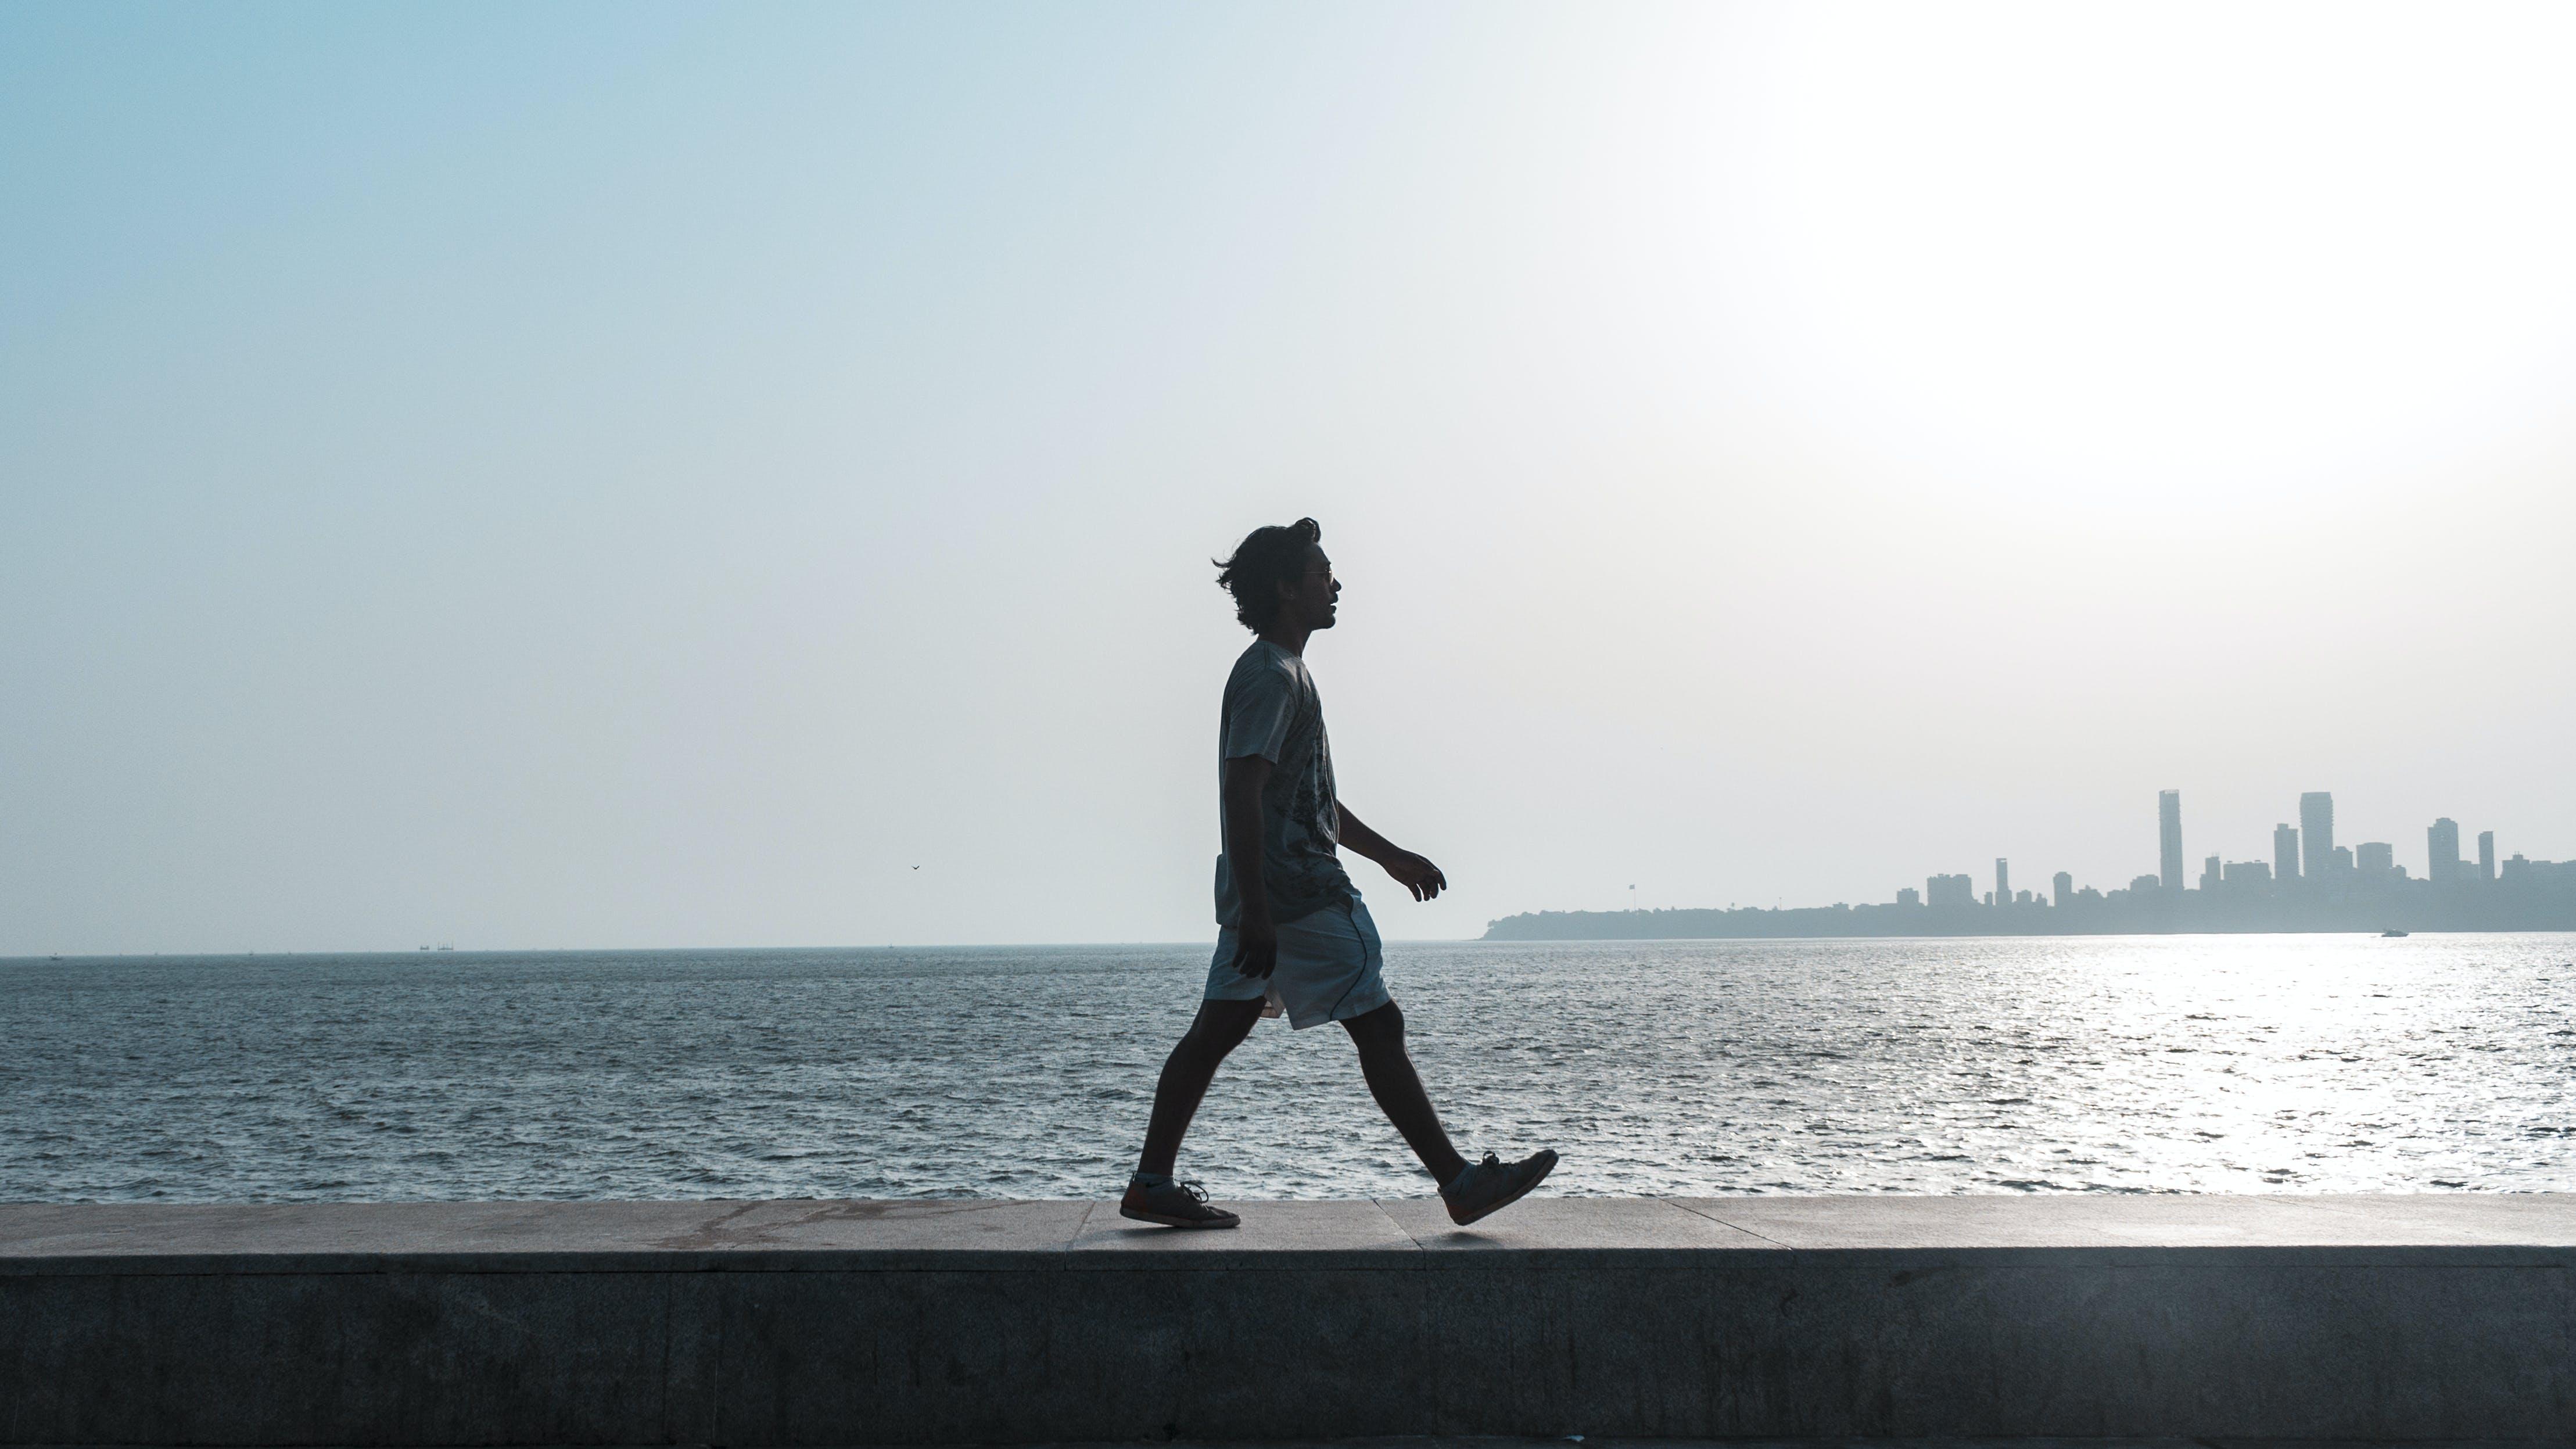 Δωρεάν στοκ φωτογραφιών με ακτή, άνδρας, δύση του ηλίου, ελεύθερος χρόνος